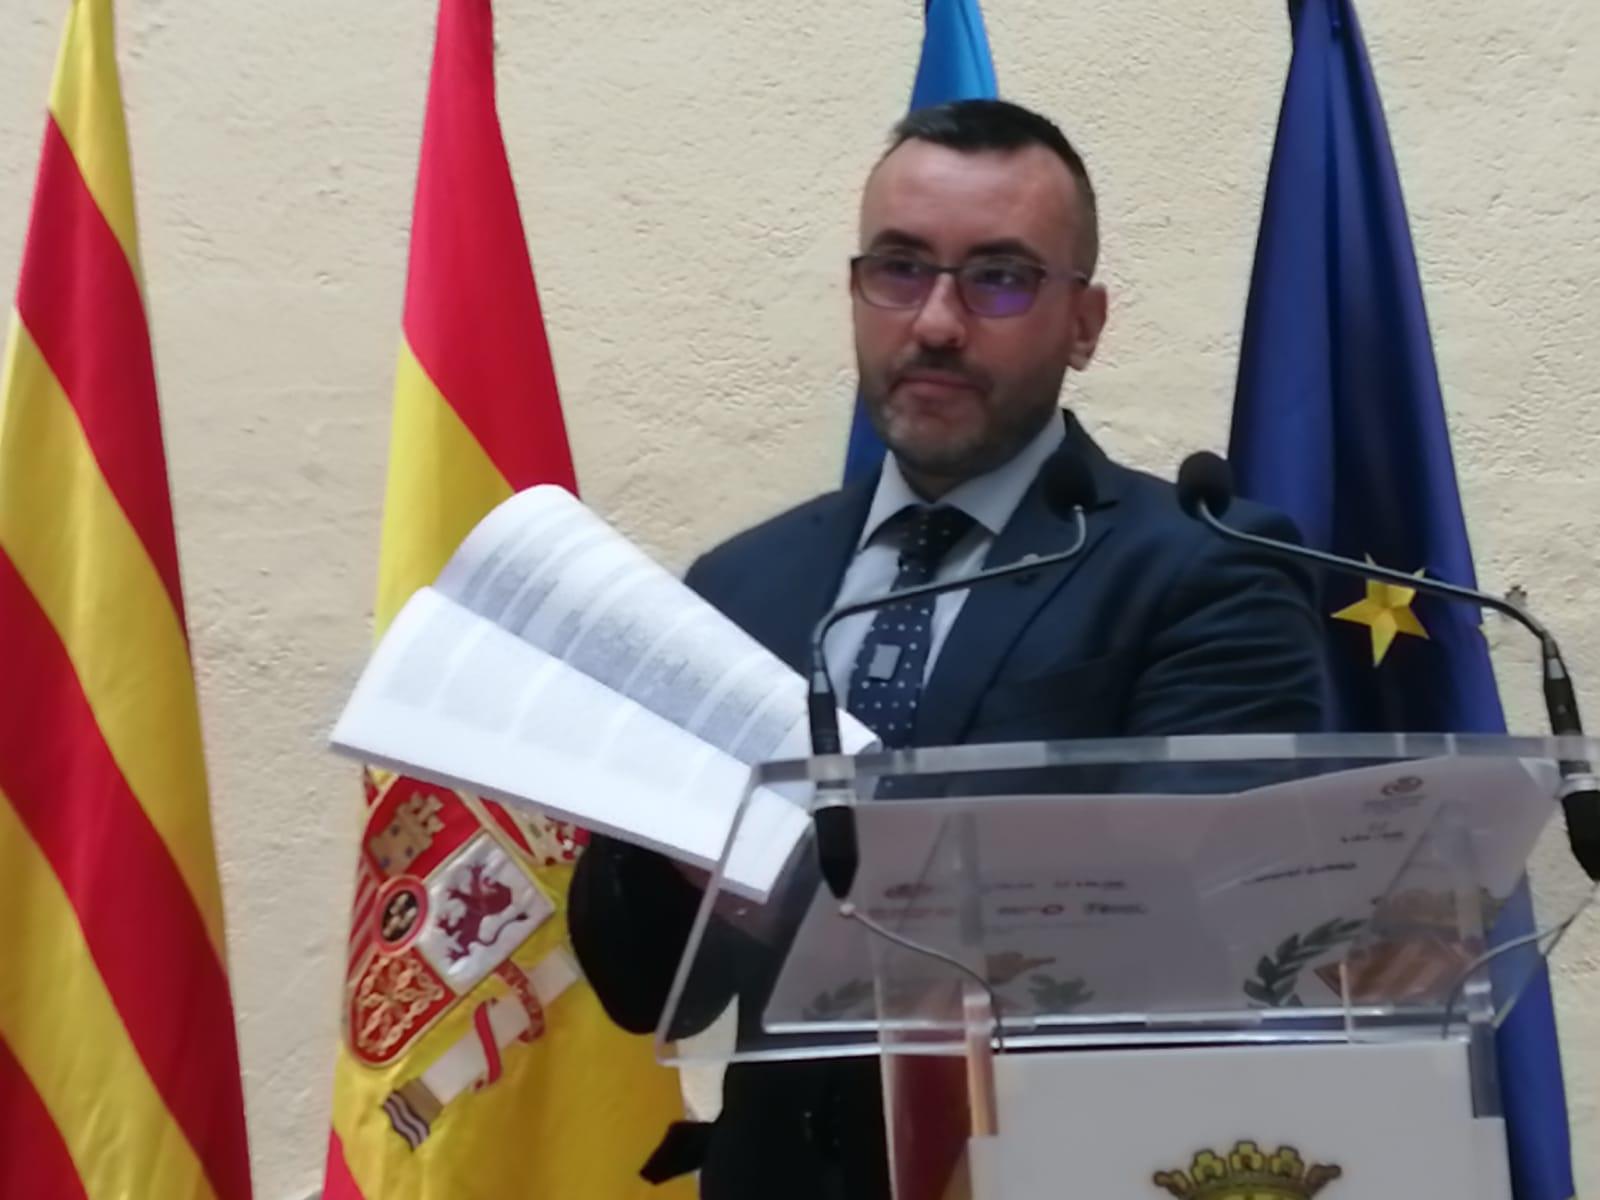 Imagen del alcalde de Vila-real con unos papeles en las manos que es la sentencia del Caso PIAF